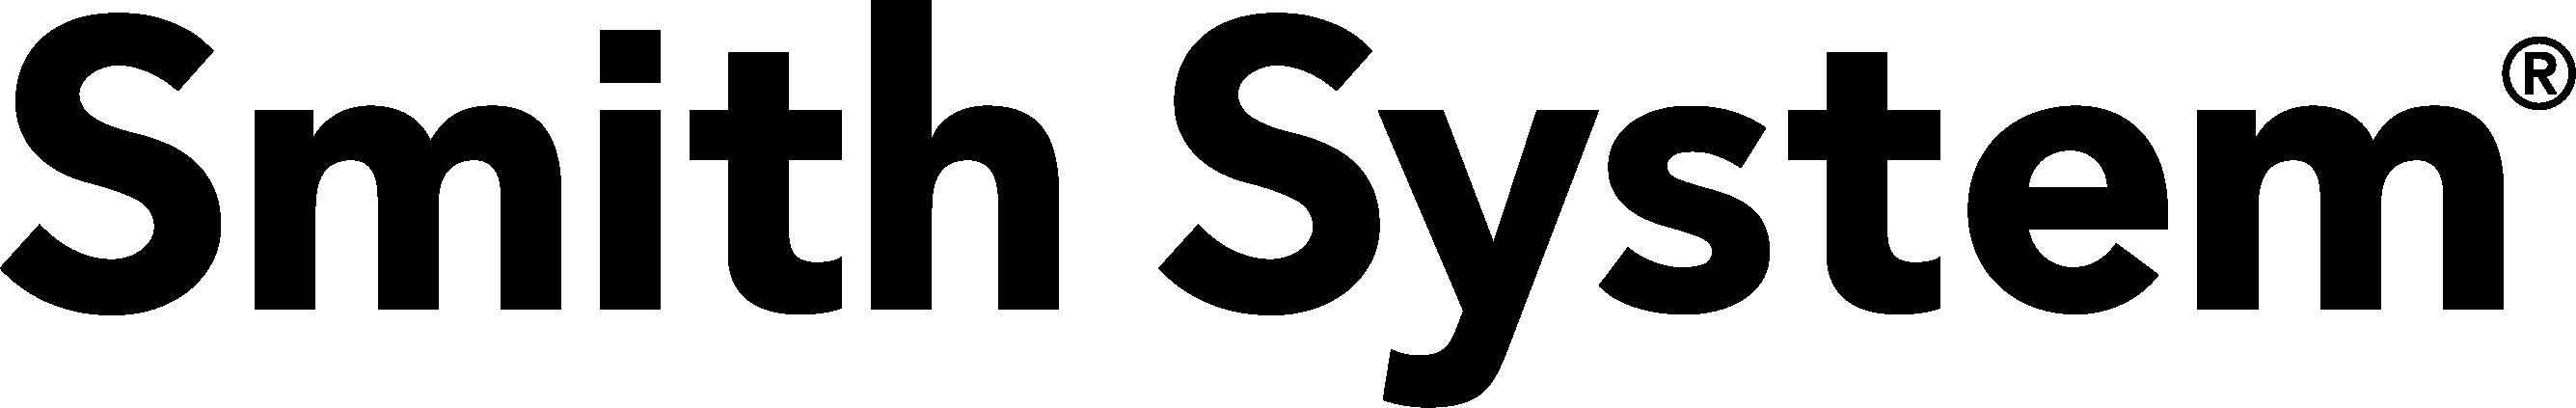 Smith Systems Logo